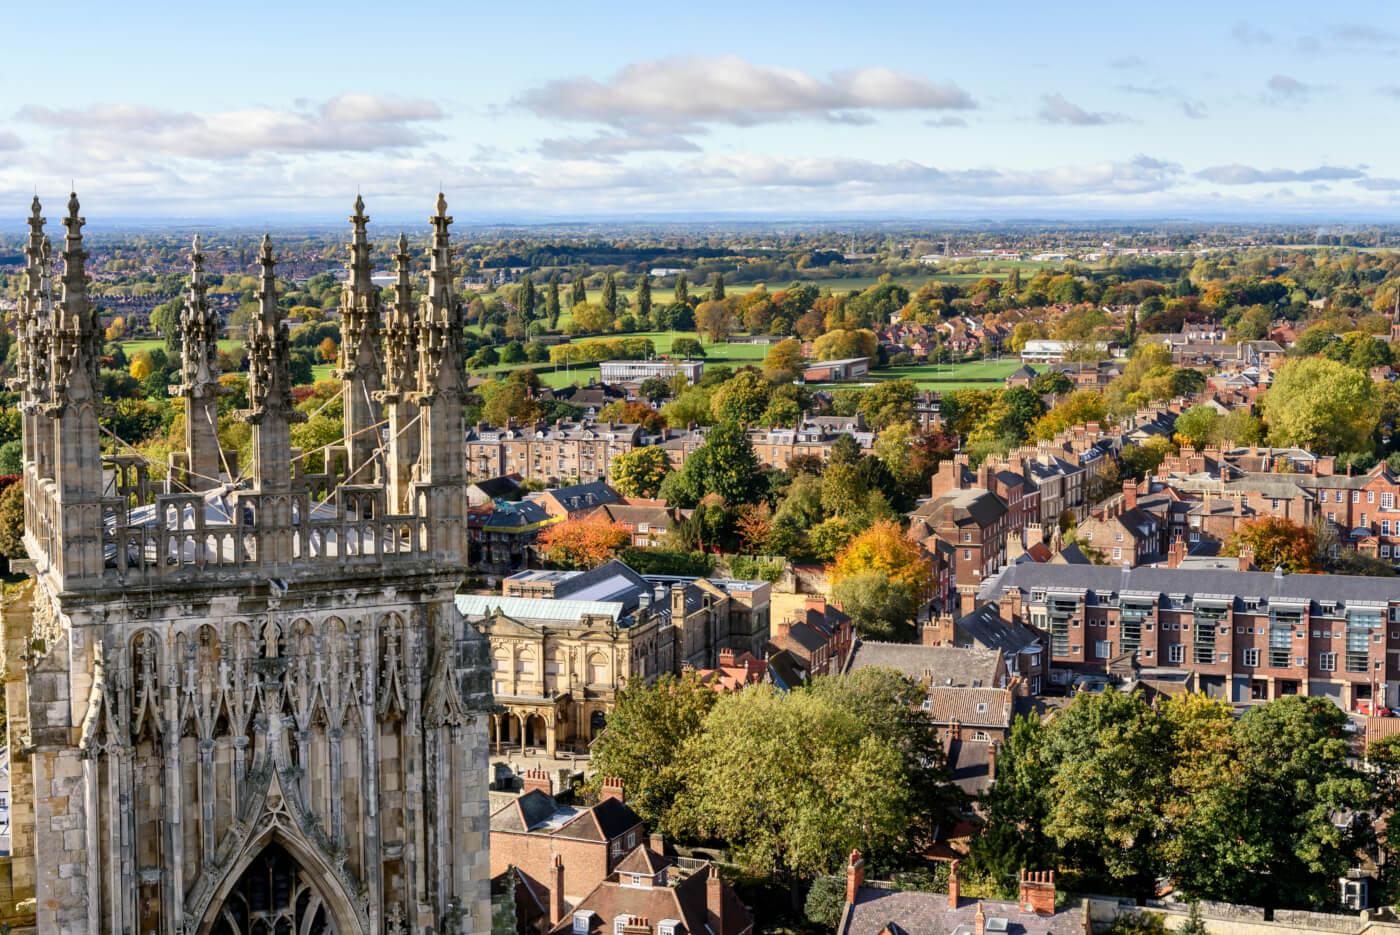 Views of York